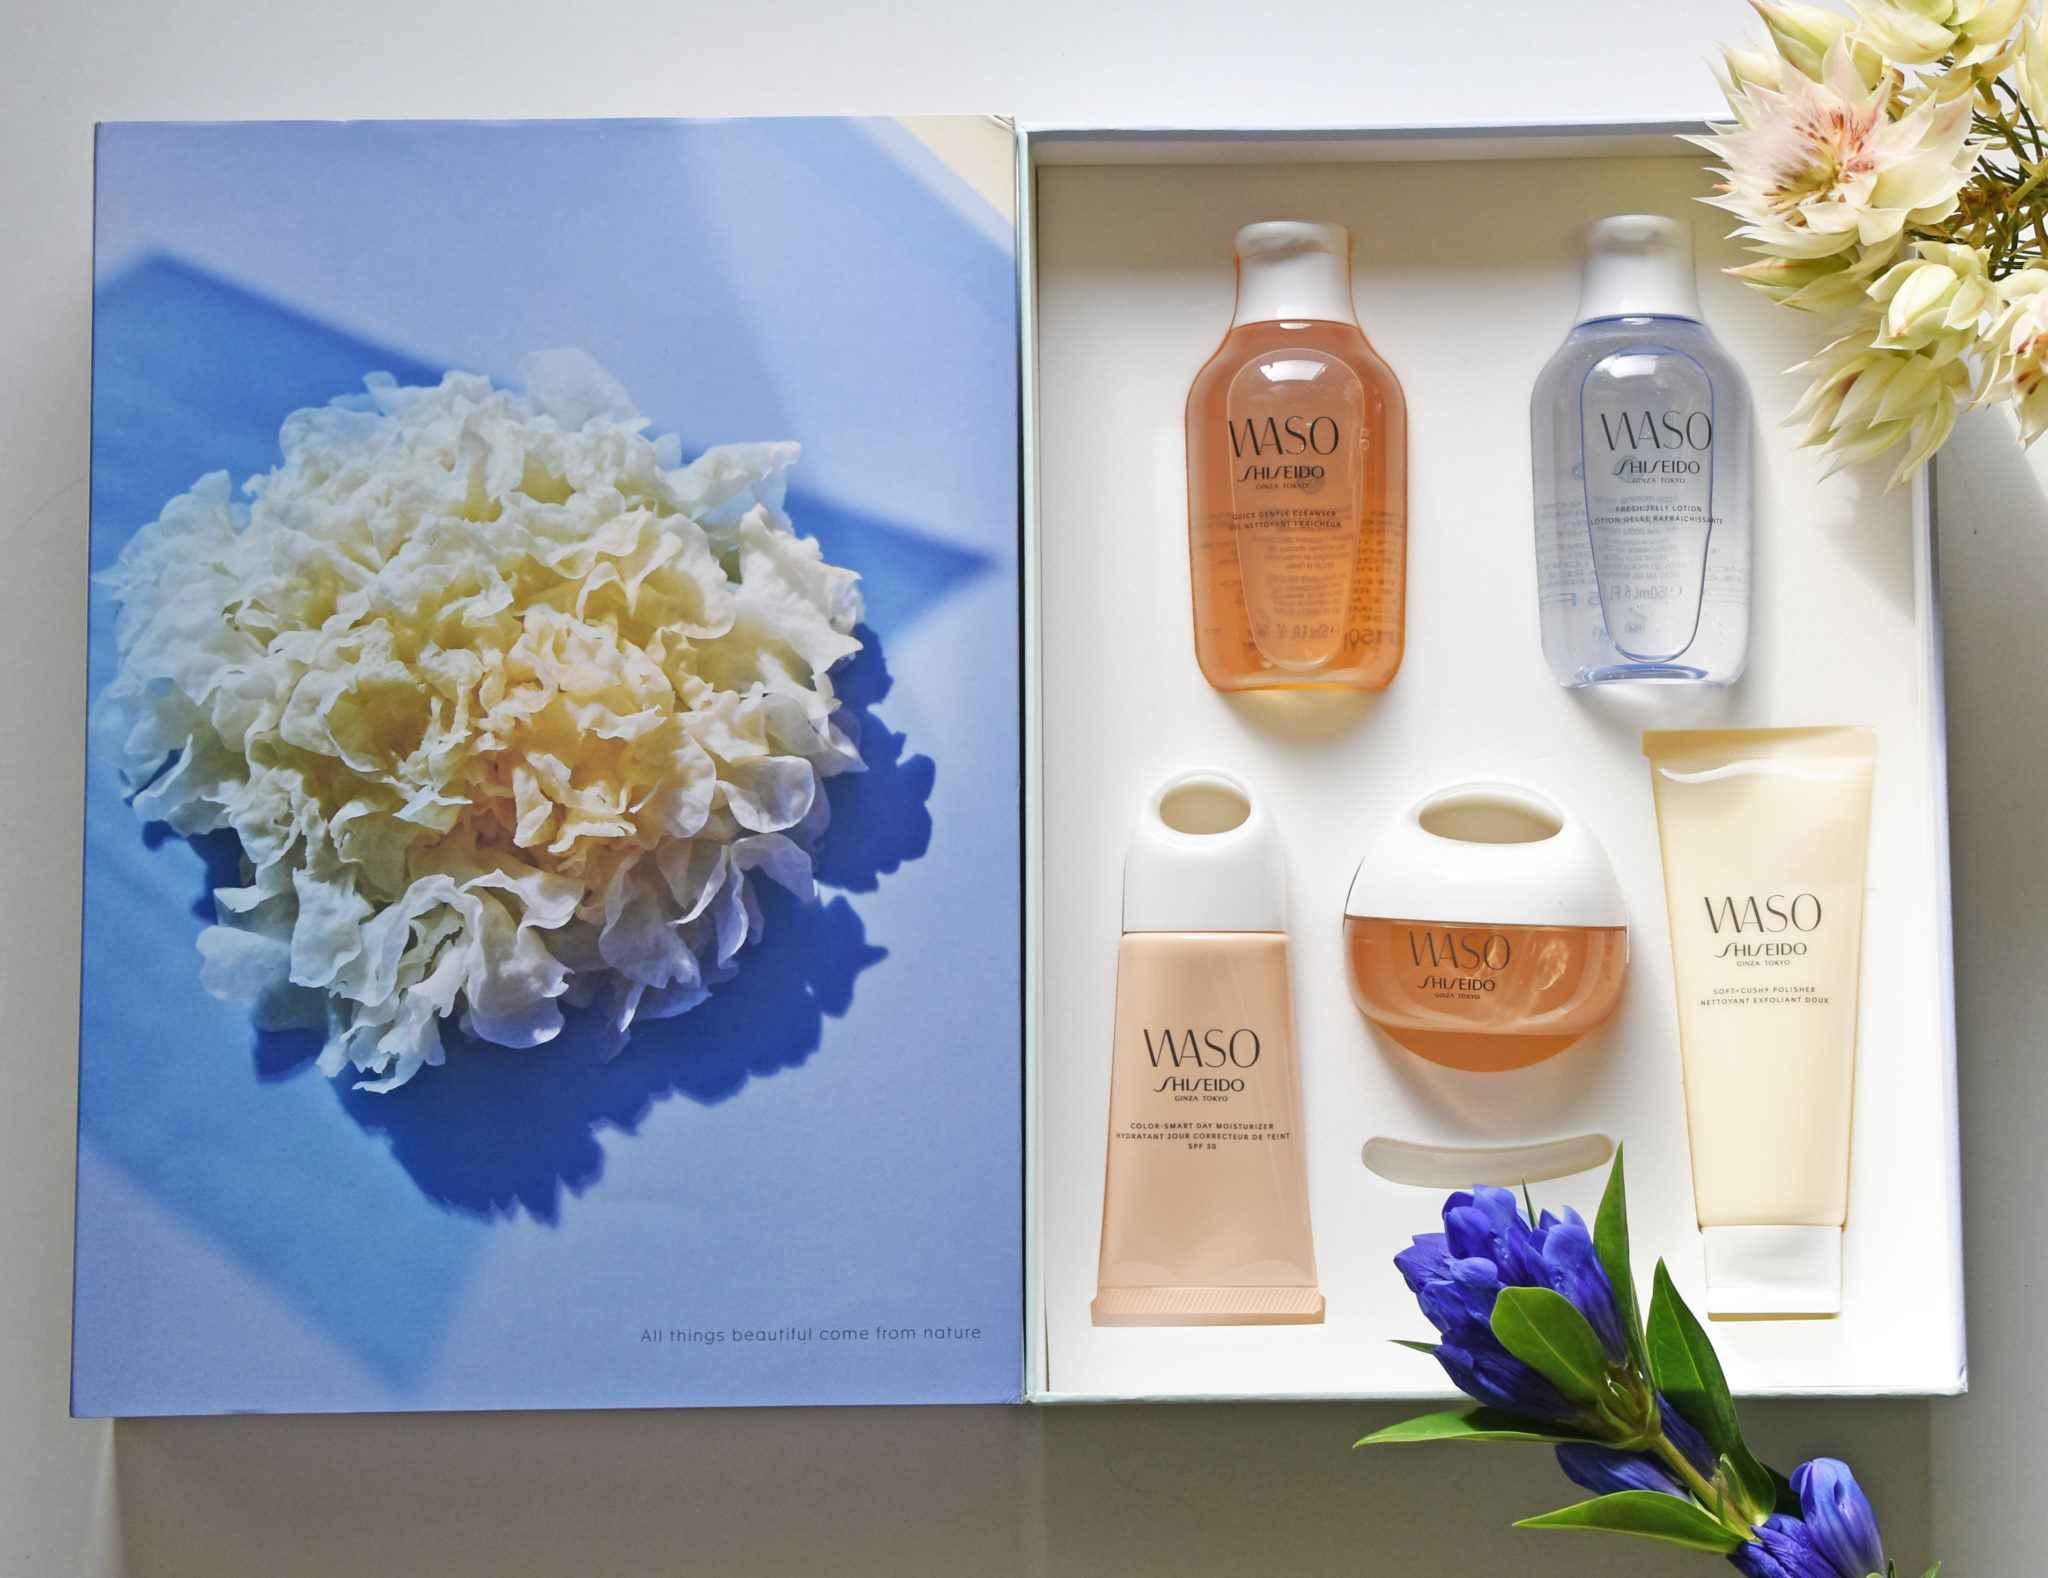 WASO Shiseido Review